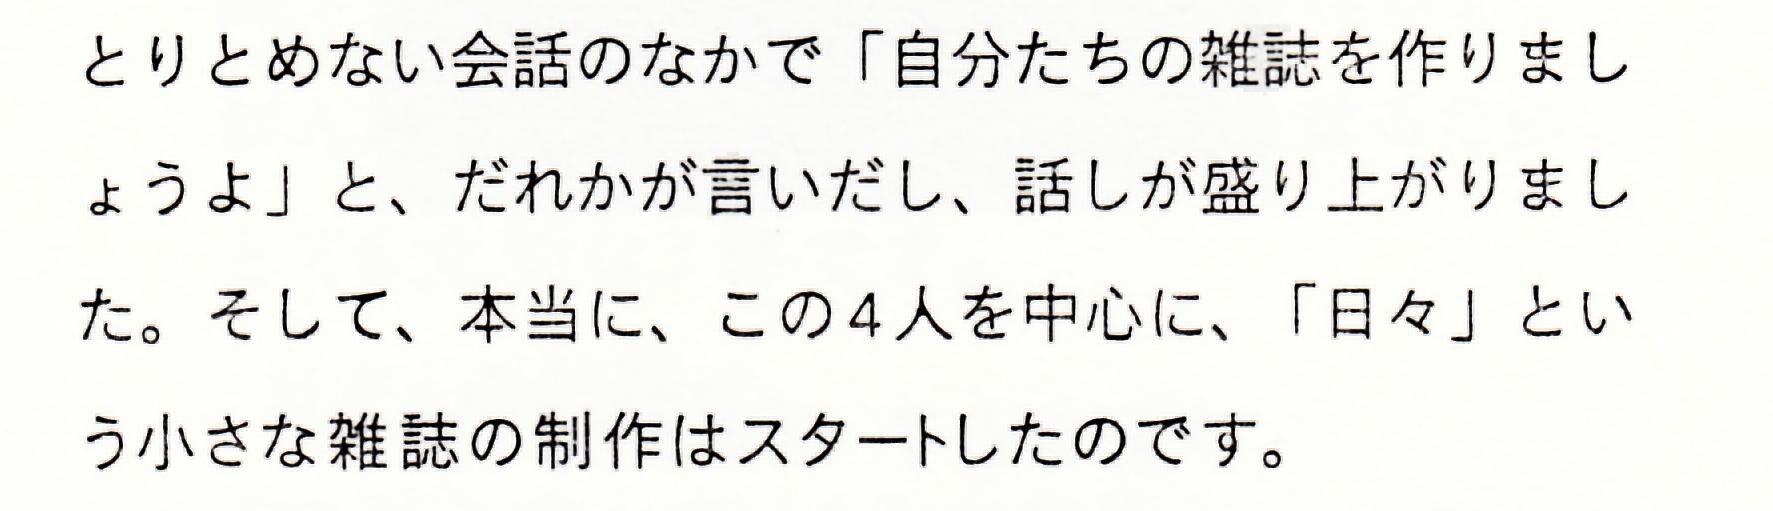 5_日々1_編集後記_t.jpg